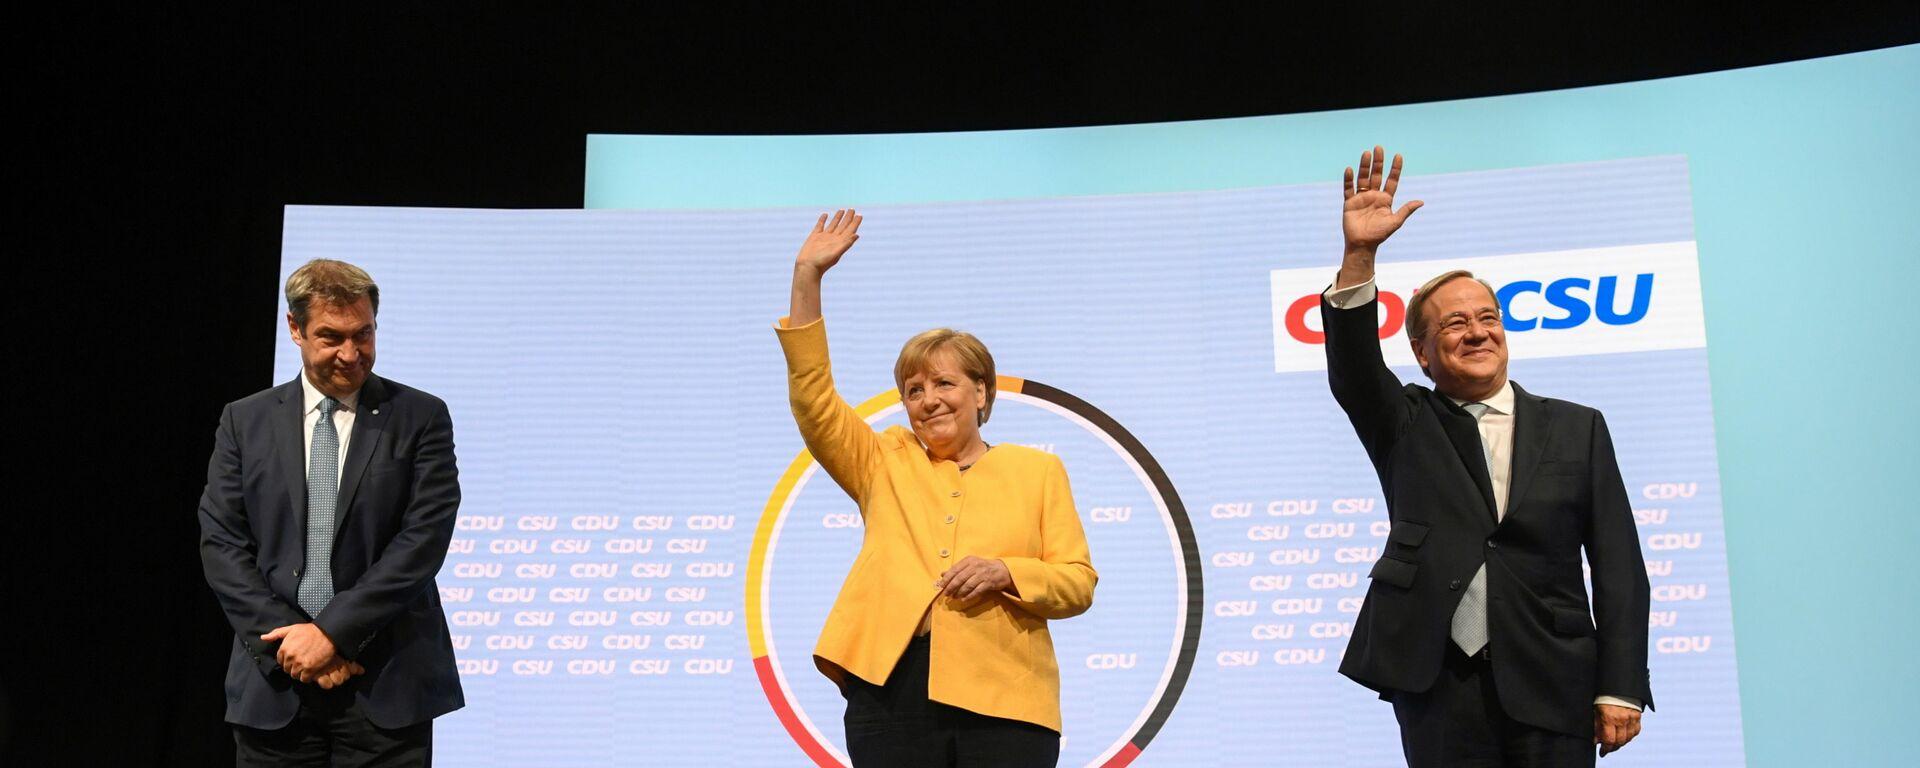 CSU-Chef Markus Söder, Bundeskanzlerin Angela Merkel und CDU/CSU-Kanzlerkandidat Armin Laschet - SNA, 1920, 17.09.2021